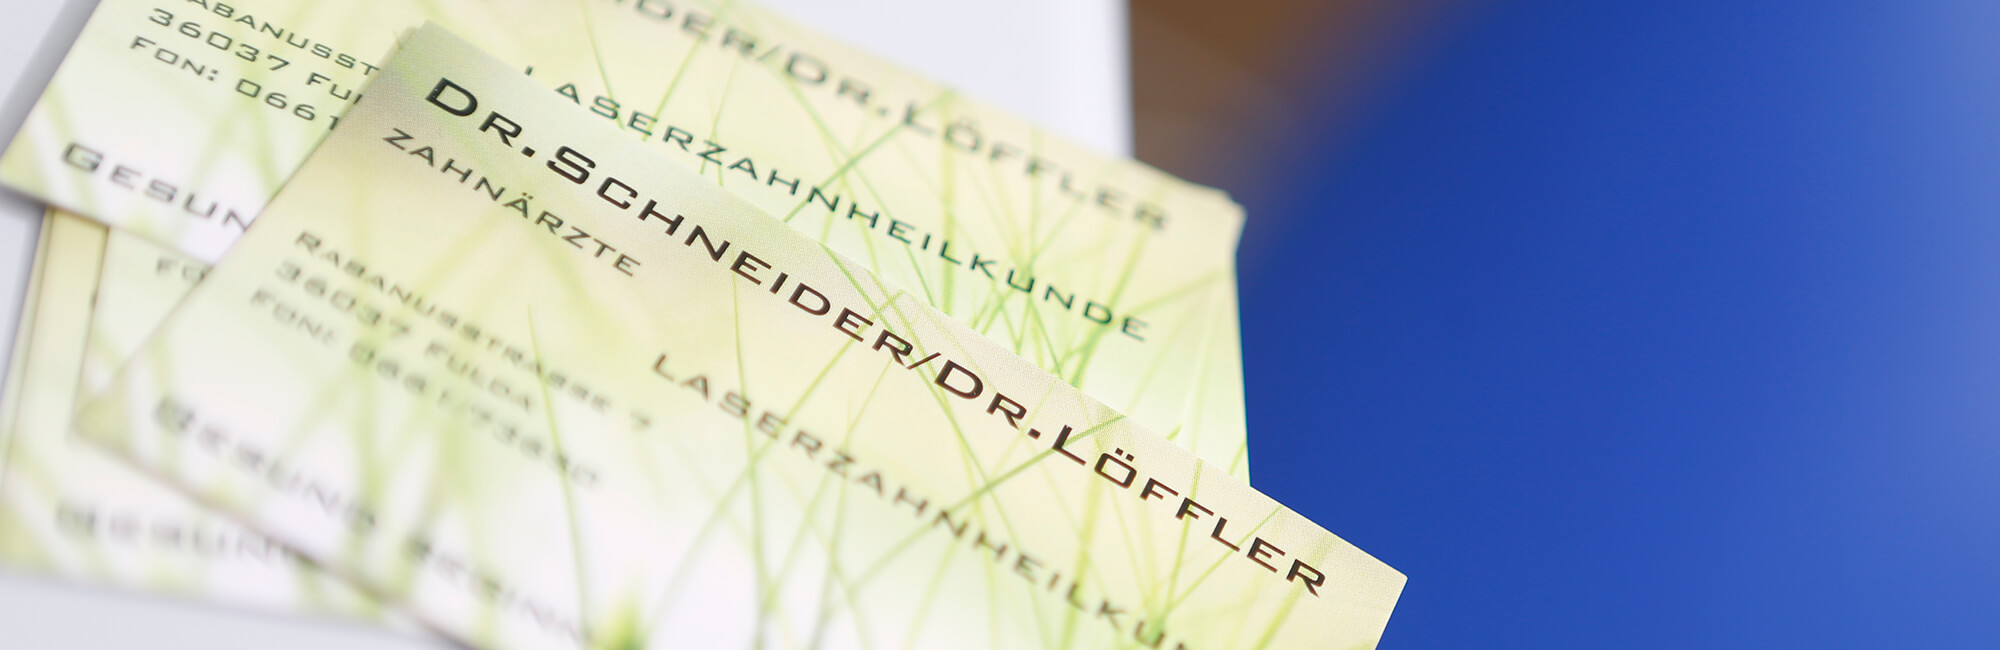 Zahnärzte Fulda - Schneider & Löffler - Slider Impressum